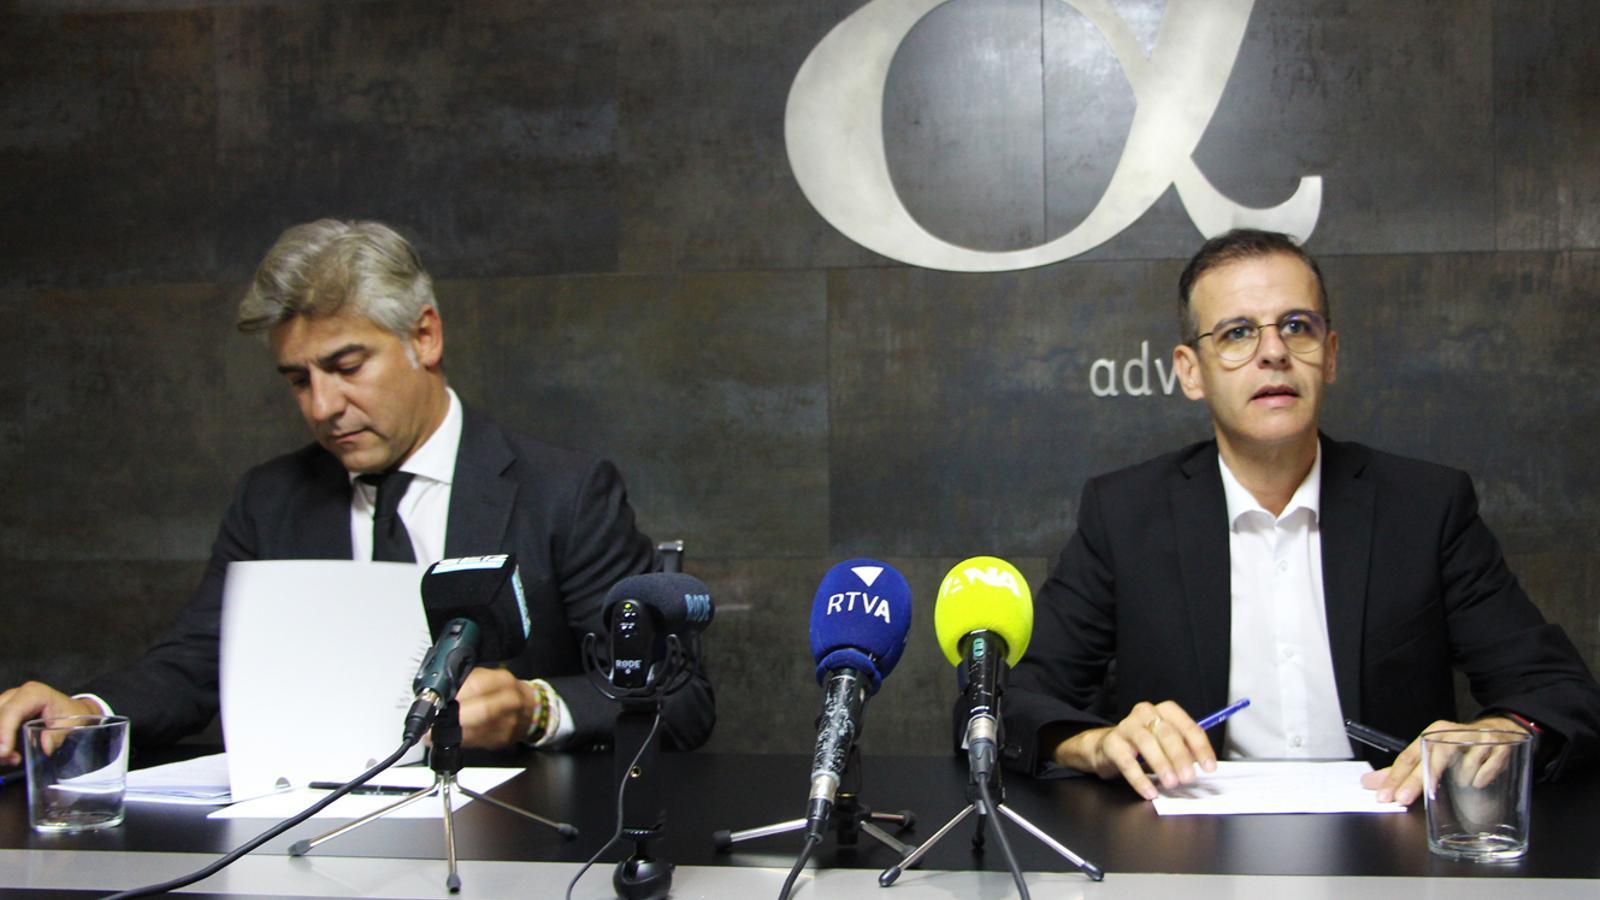 Els advocas defensors en la causa BPA Josep A. Silvestre (dreta) i Antoni Riestra (esquerra) en la roda de premsa on s'ha anunciat la recusació d'Alfons Alberca. / T. N.